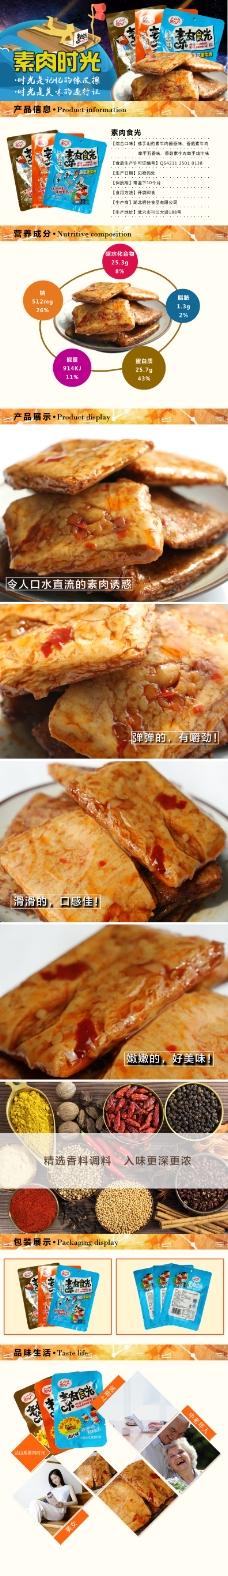 豆腐干详情